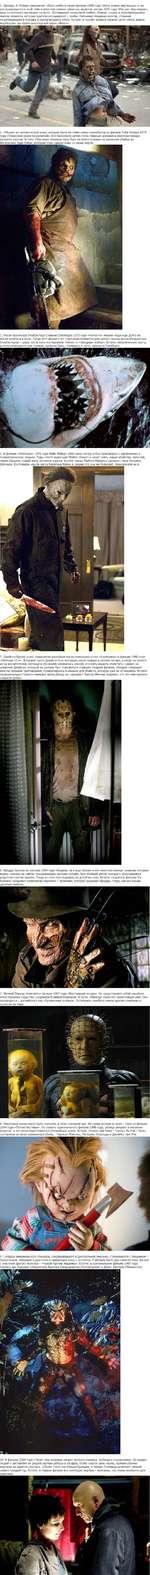 h Джордж A. Ромеро увековечил образ зомби в своем фильме 1968 года «Ночь живых мертвецов» и не Ьаз возвращался к этой теме в многочисленных сиквелах, включая фильм 2004 года «Рассвет мертвецов» ' Р из которого ВЬ| видите на фото. Прозванный «дедушкой зомби», Ромеро создал и популяризировал ' многи